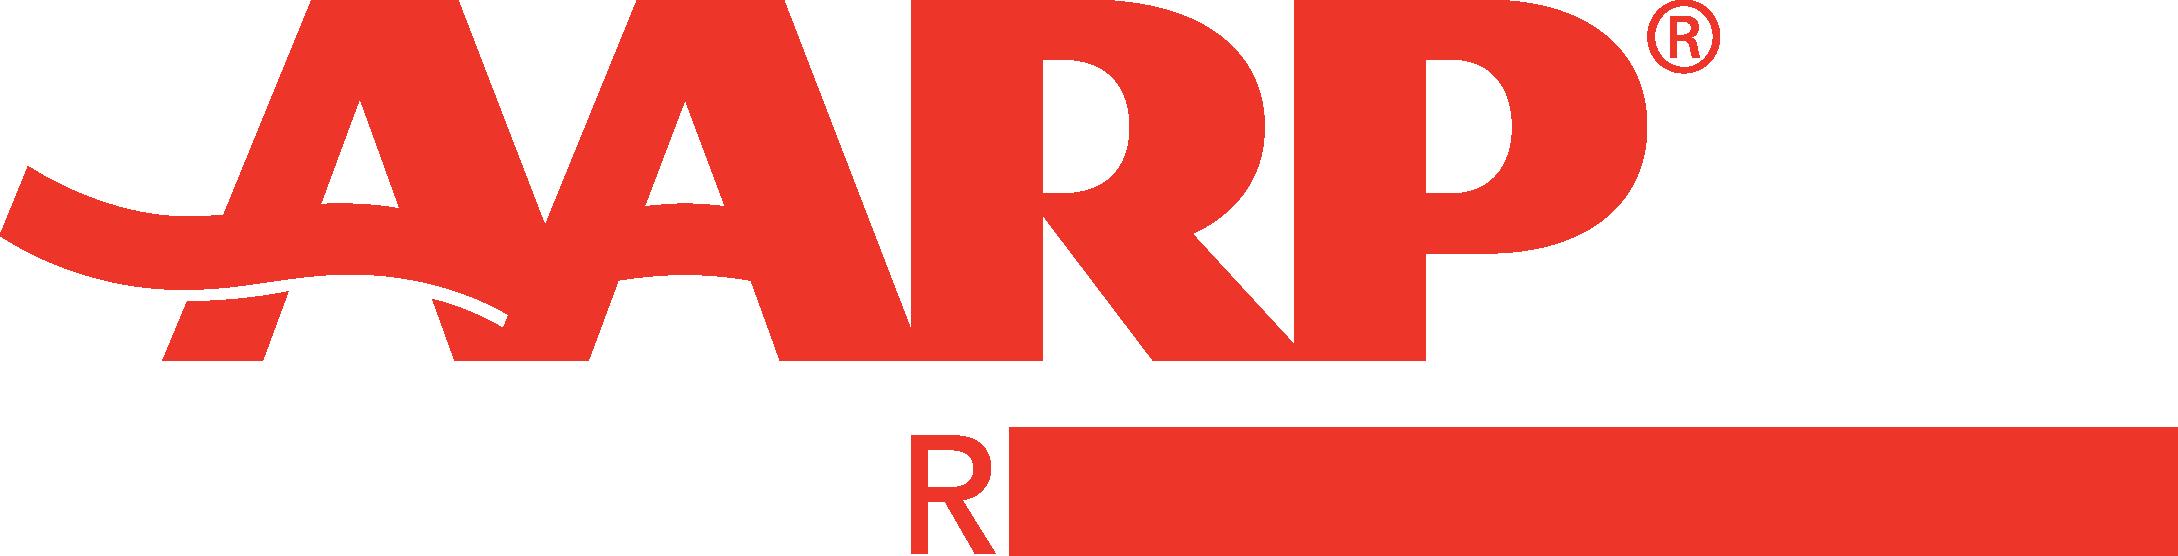 AARP_RealPossibilities_AllRed.png